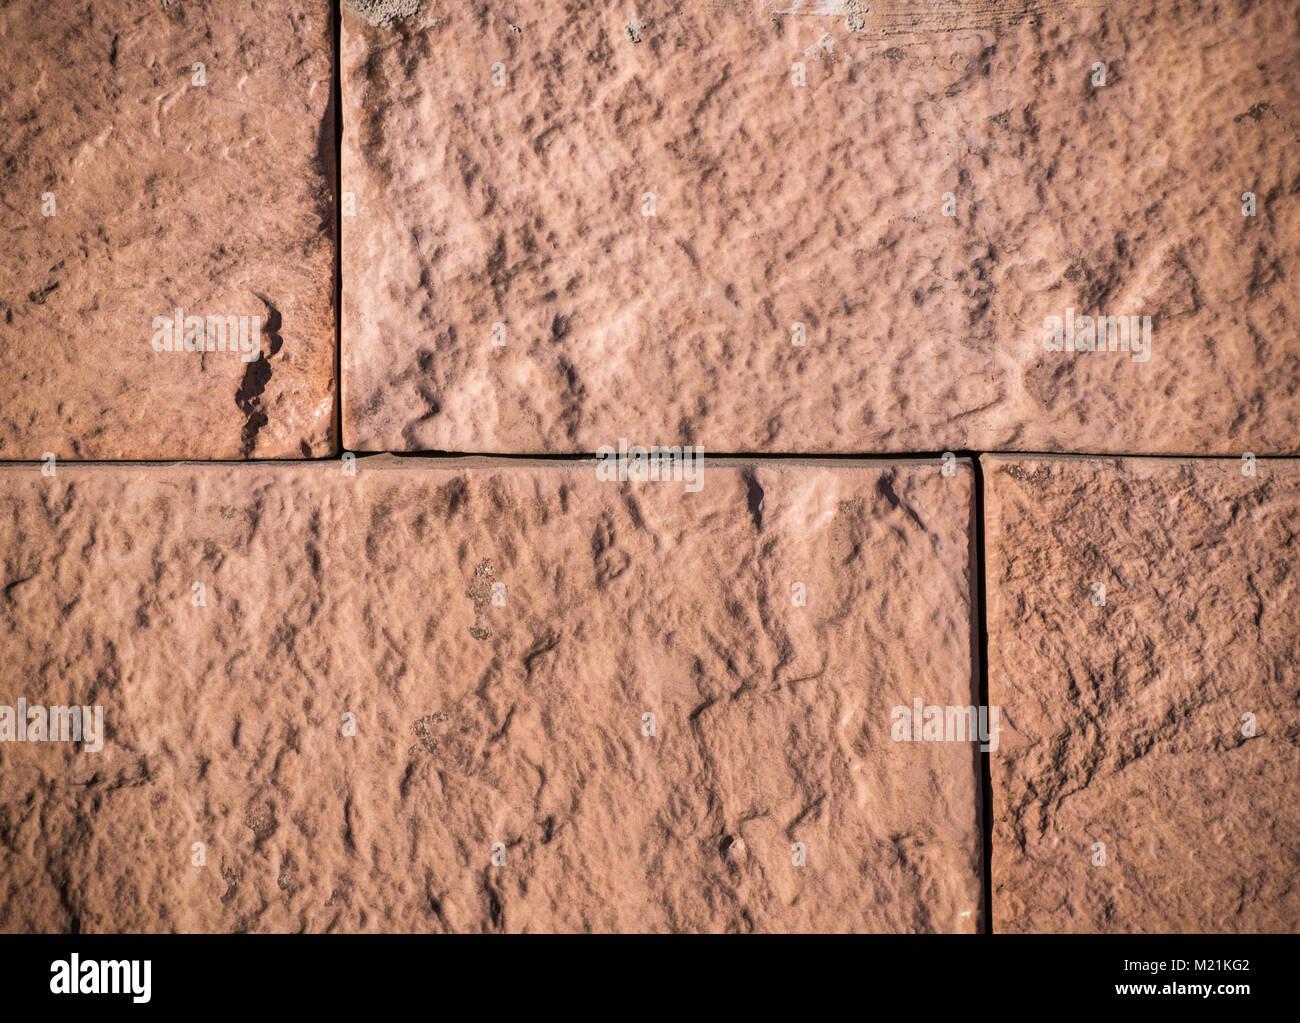 orange sandstone tiled wall. vignette; texture, background. - Stock Image